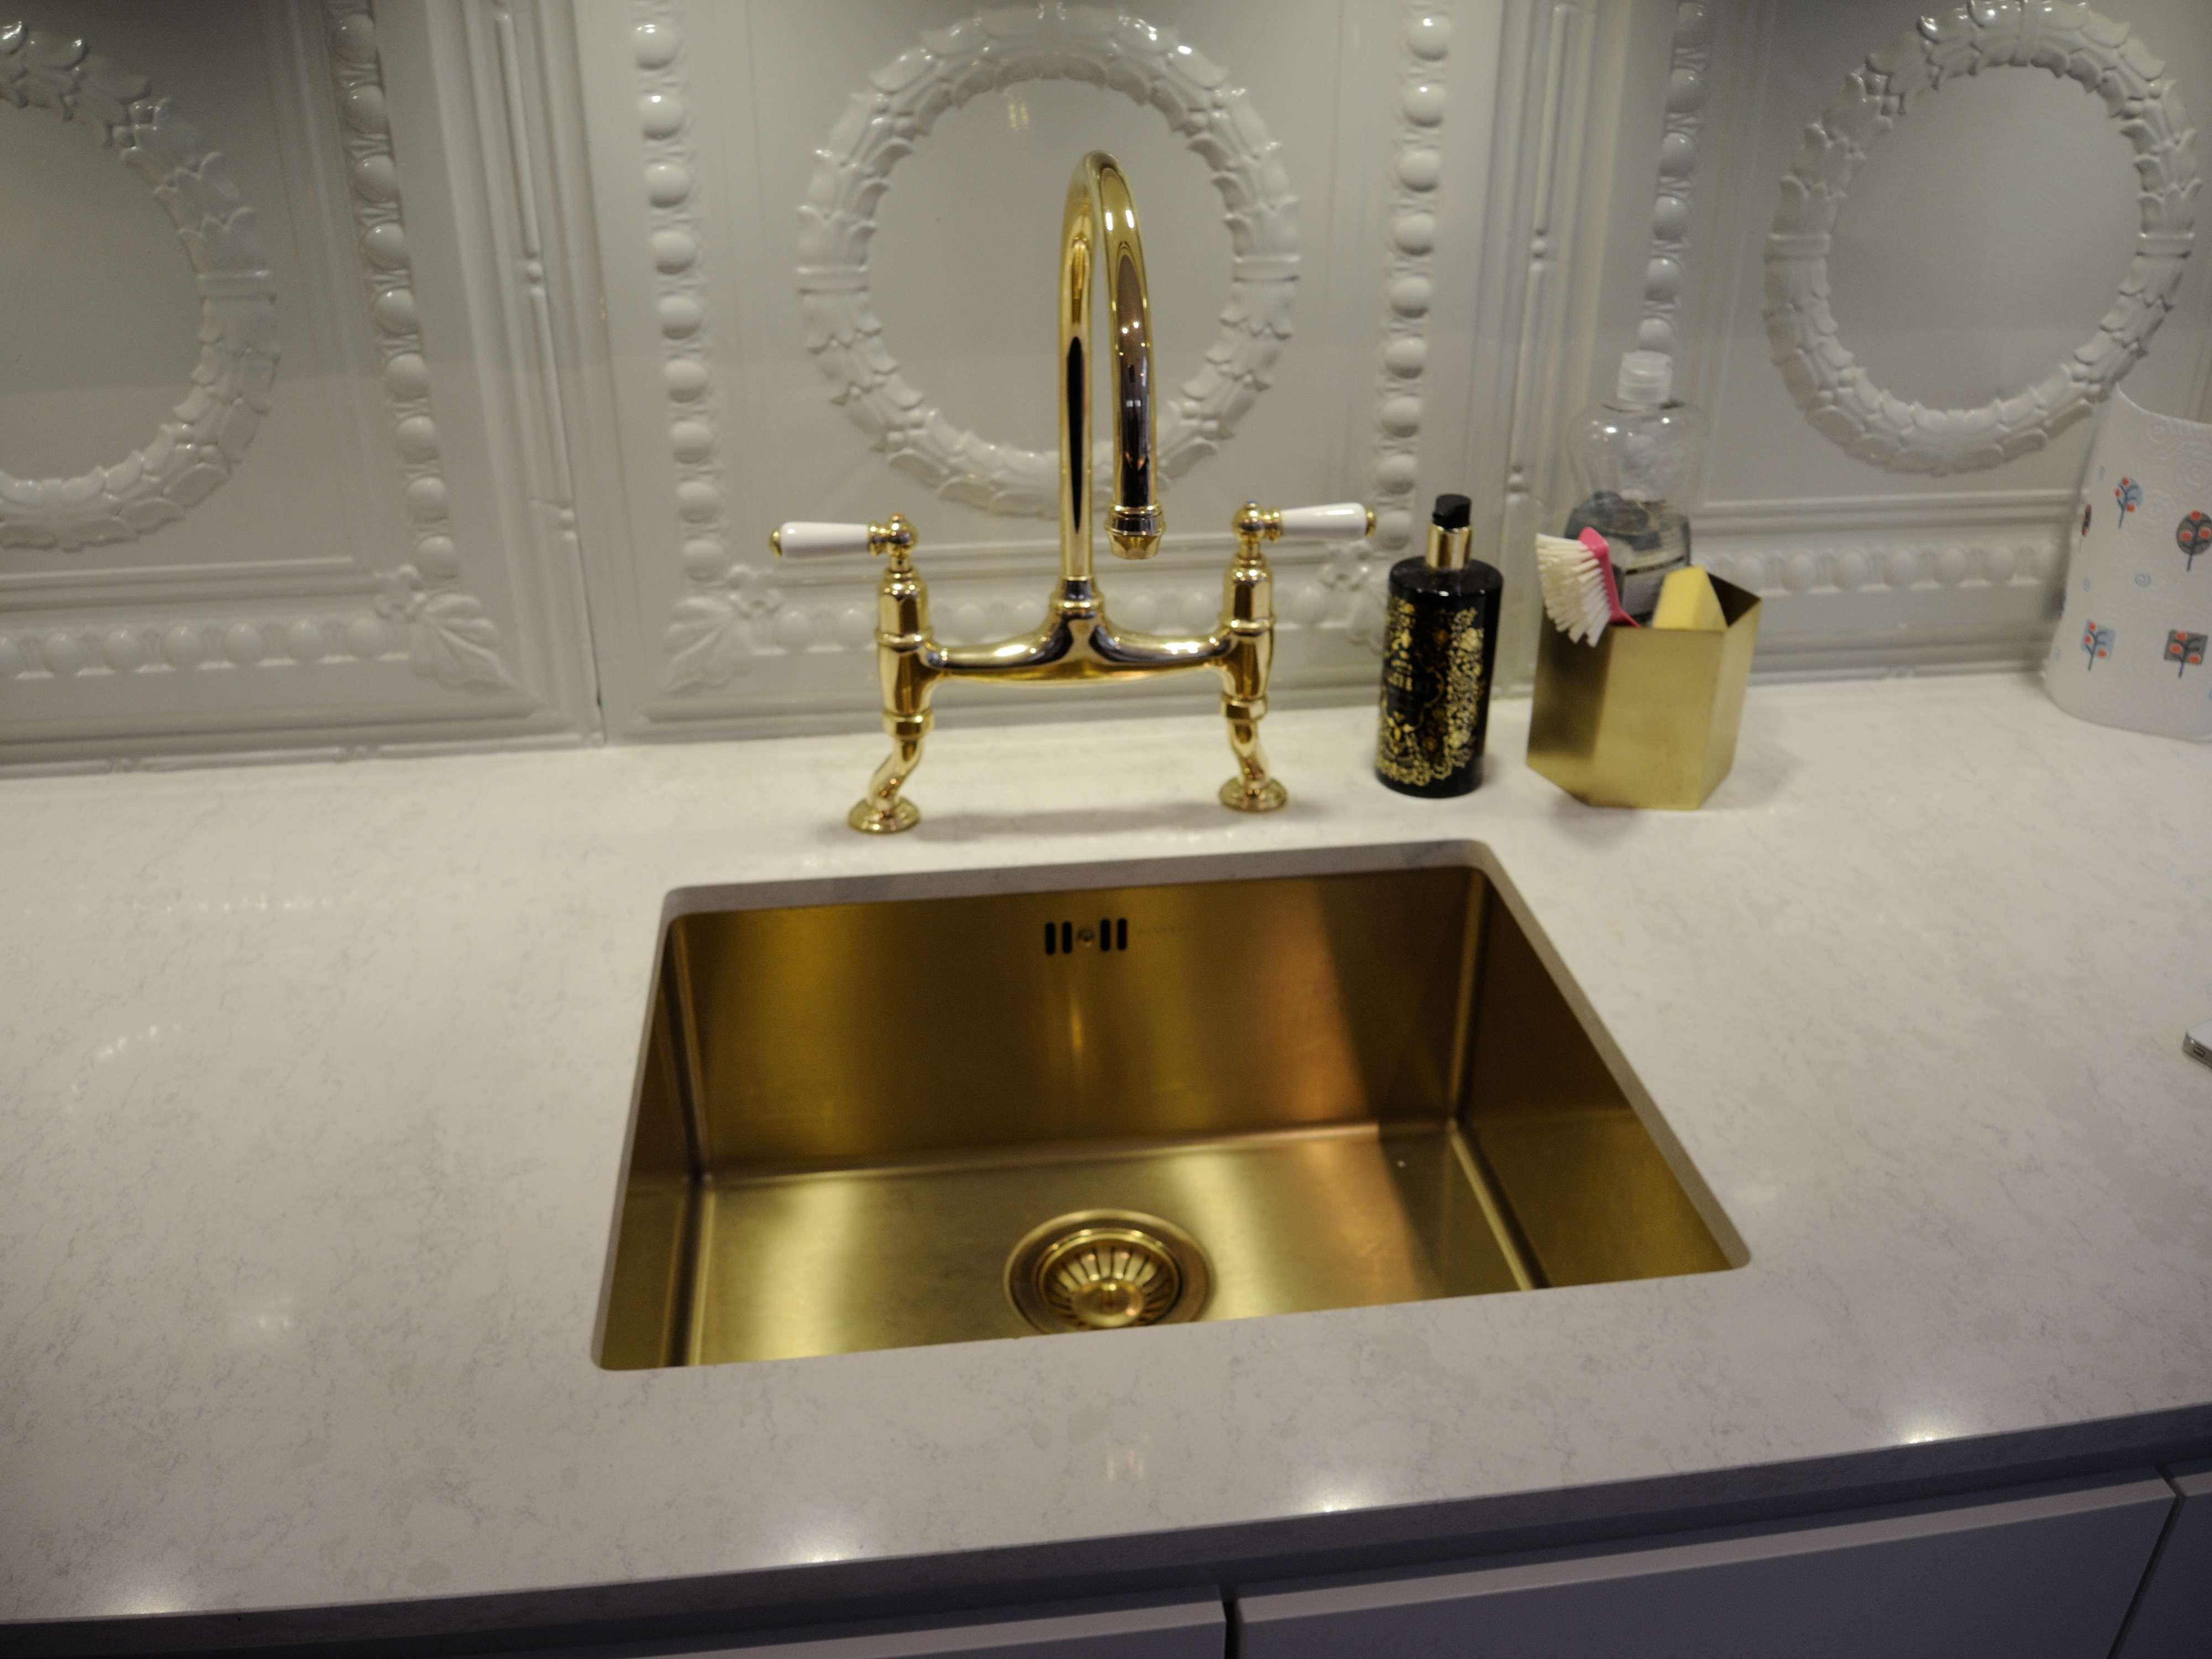 An under mounted Alveus Monarch Gold kitchen sink in a